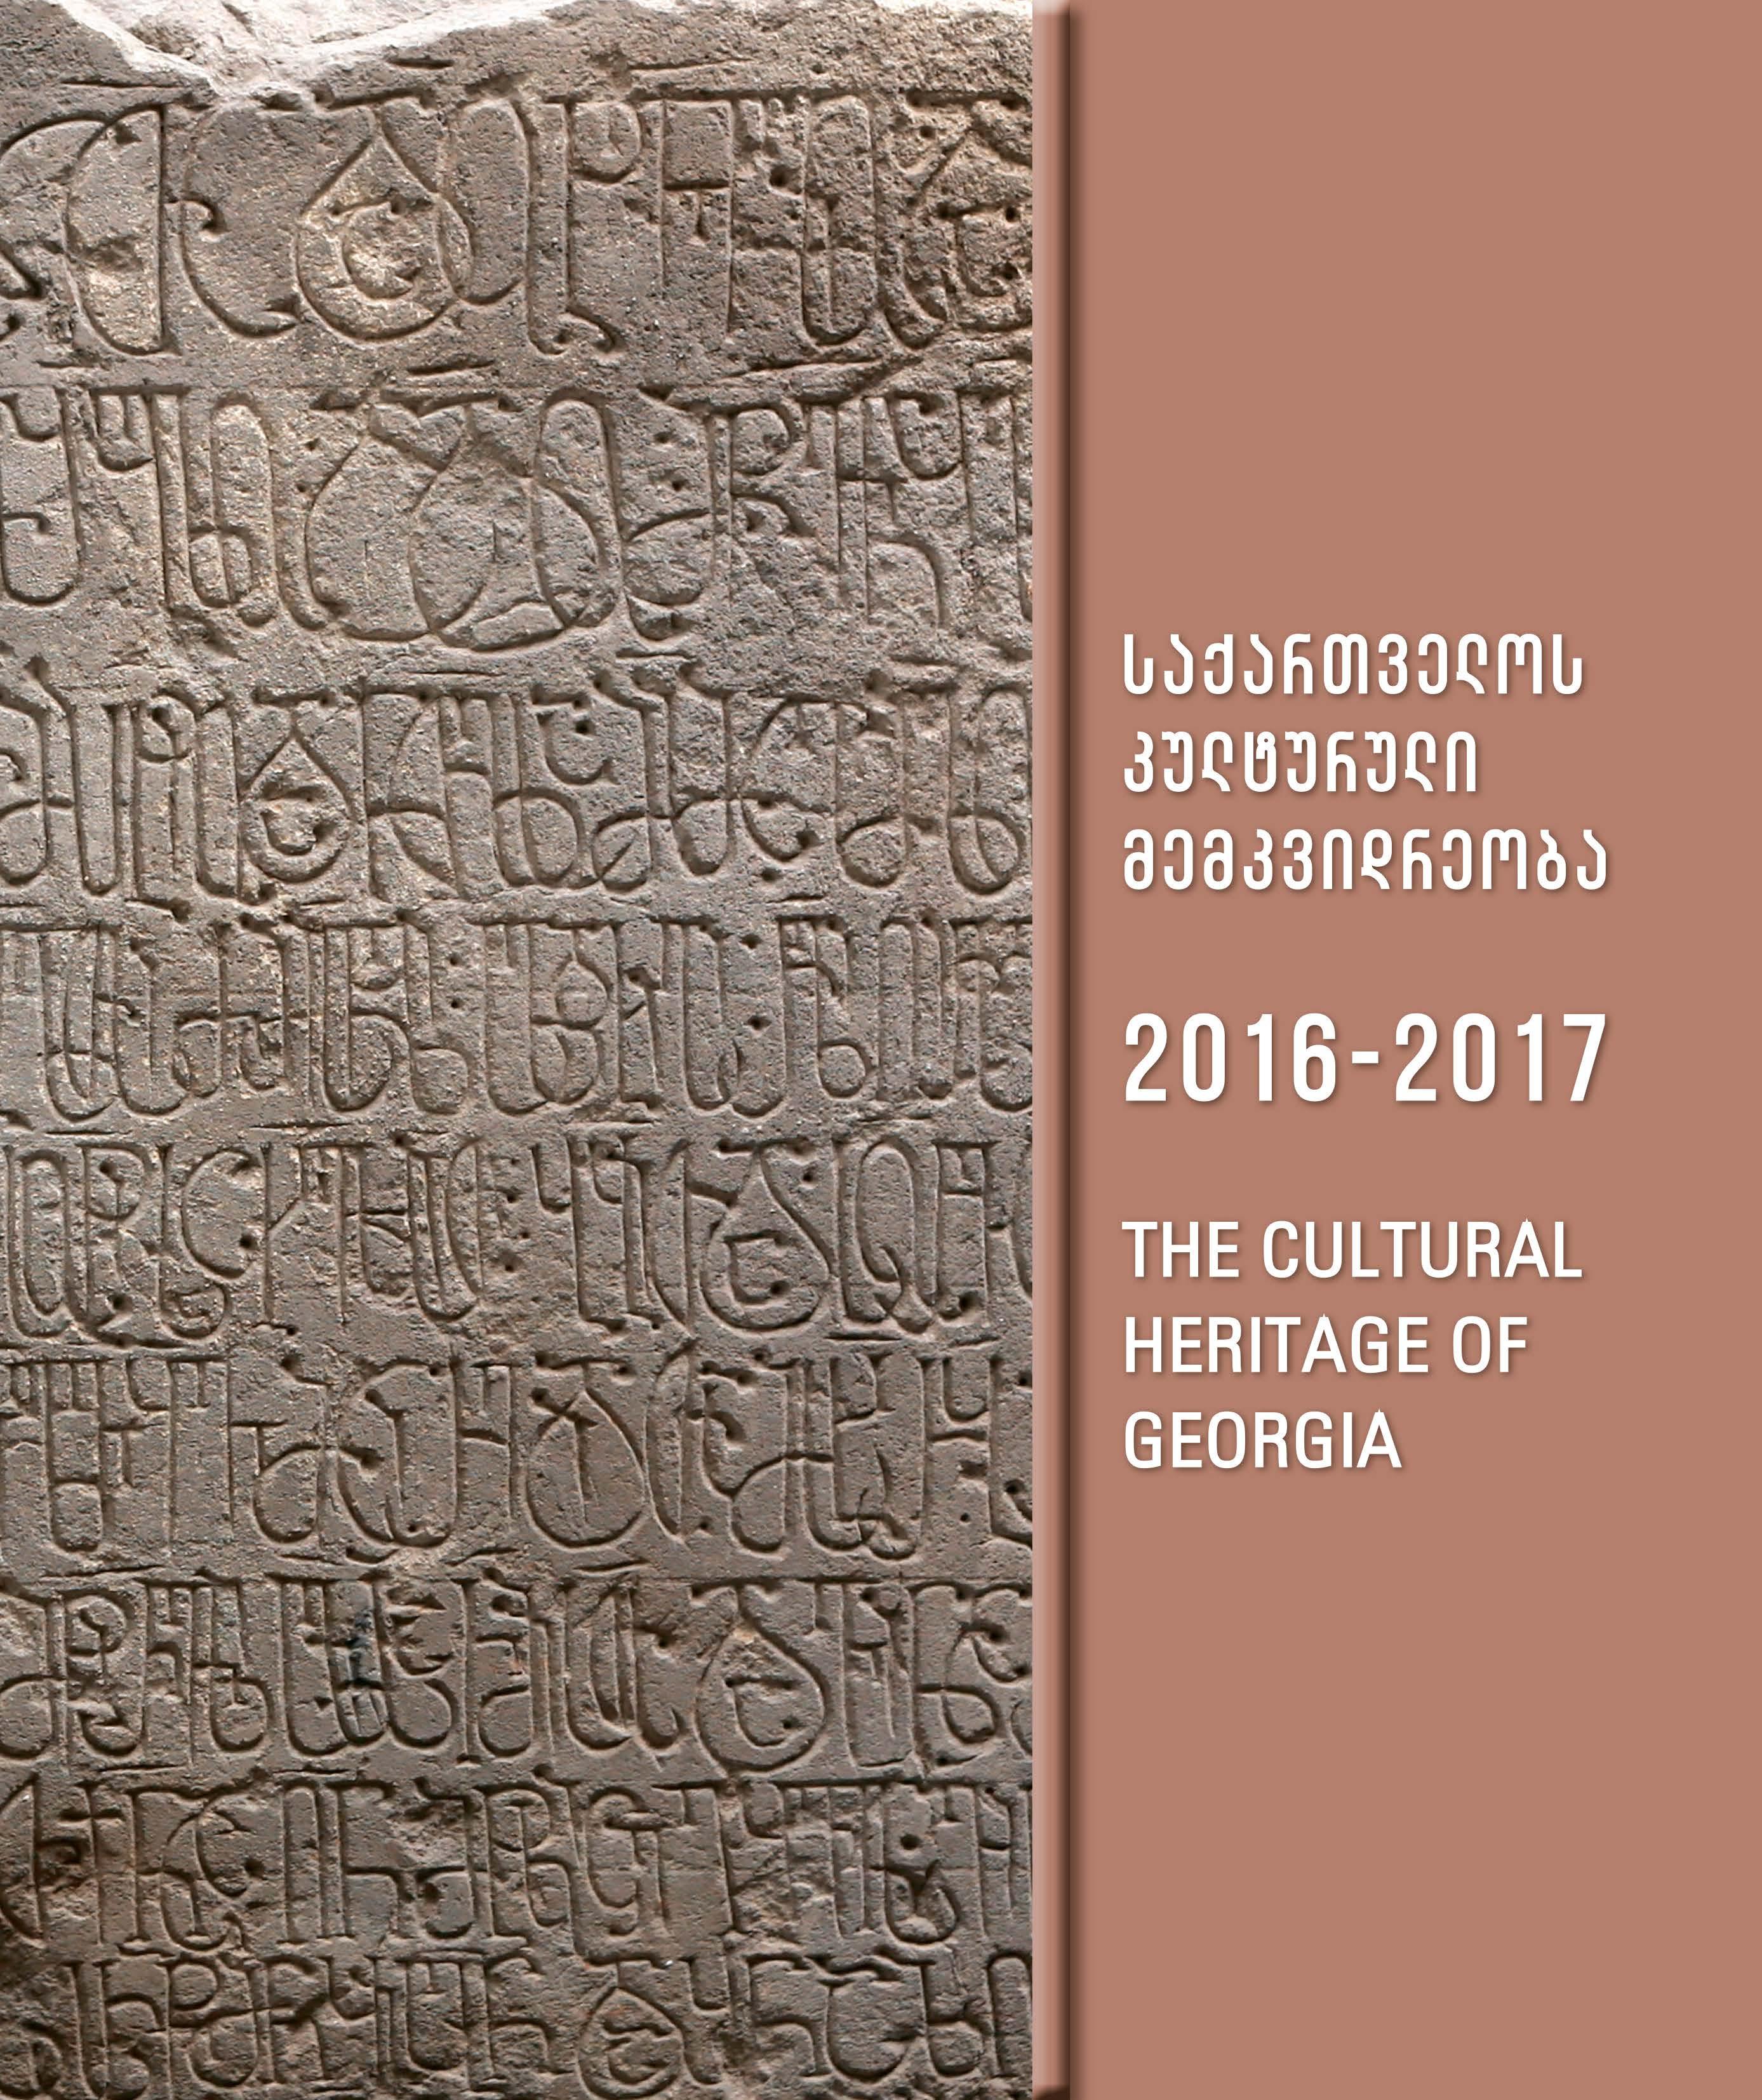 საქართველოს კულტურული მემკვიდრეობა 2016-2017 საჩვენებელი